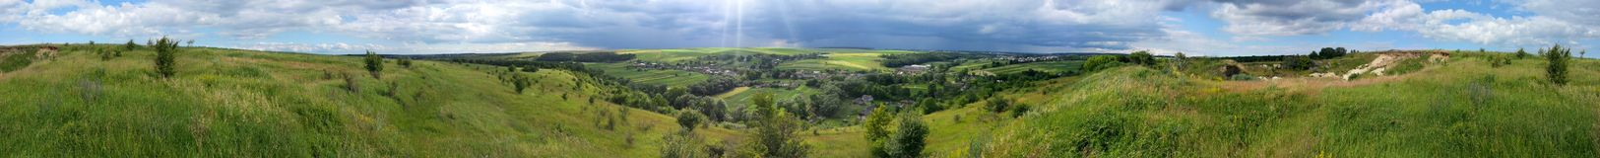 Украинская природа Стоковые Фото